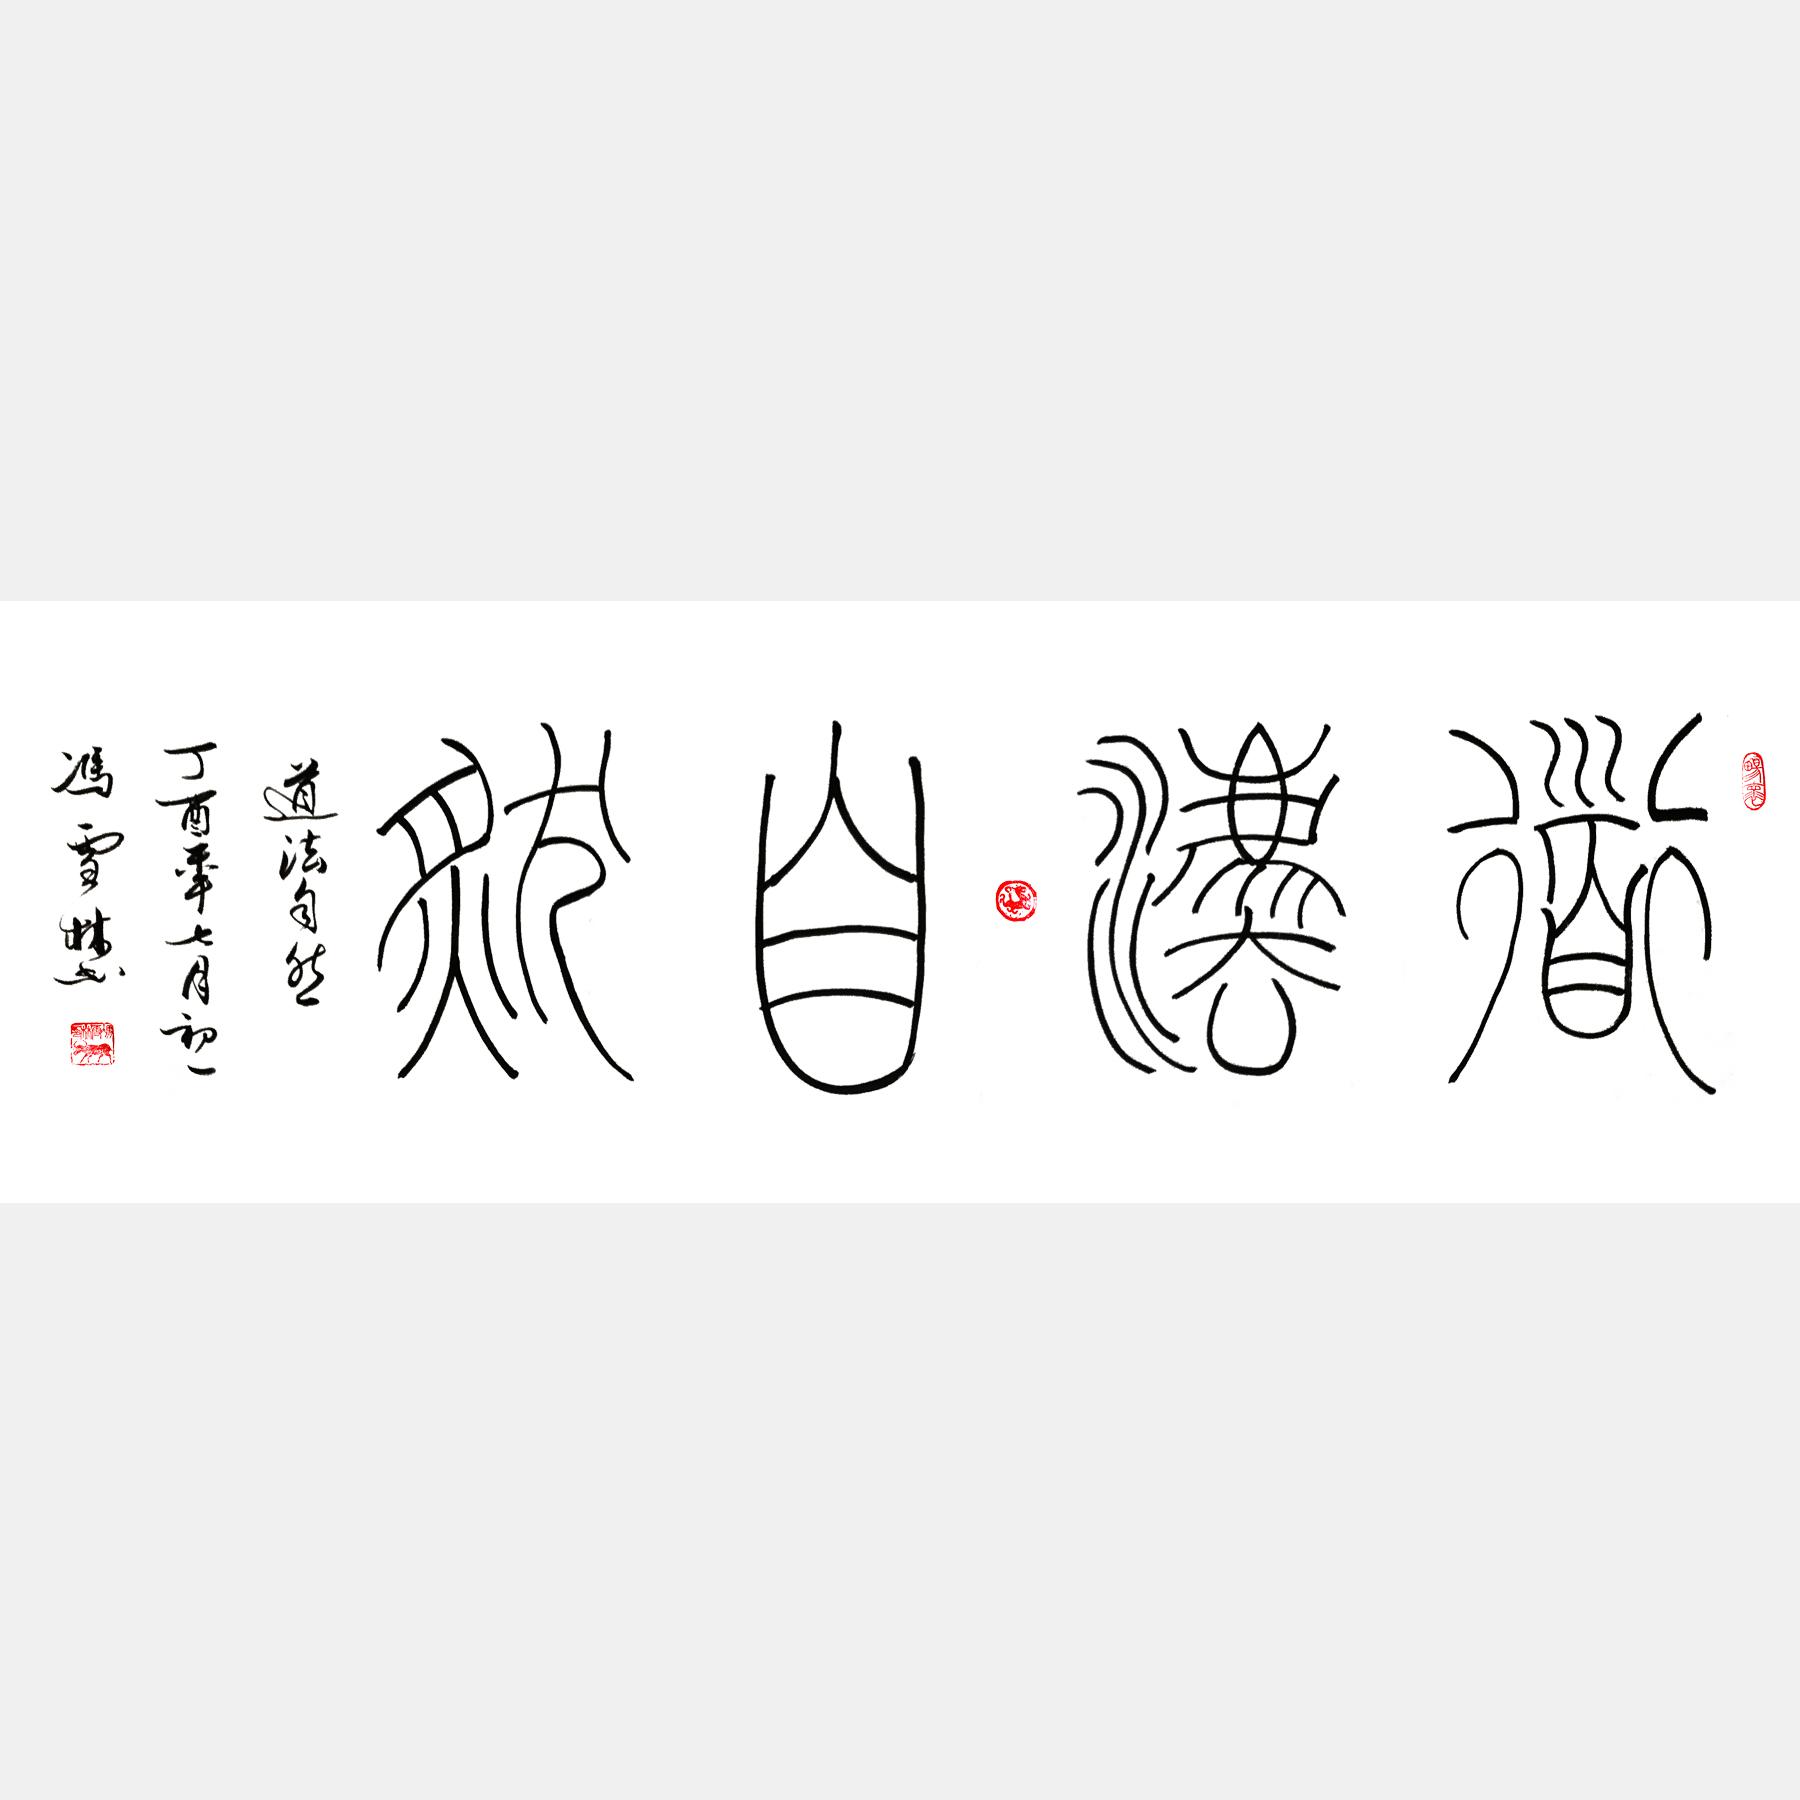 道法自然 篆书书法作品 四尺横幅书法字画